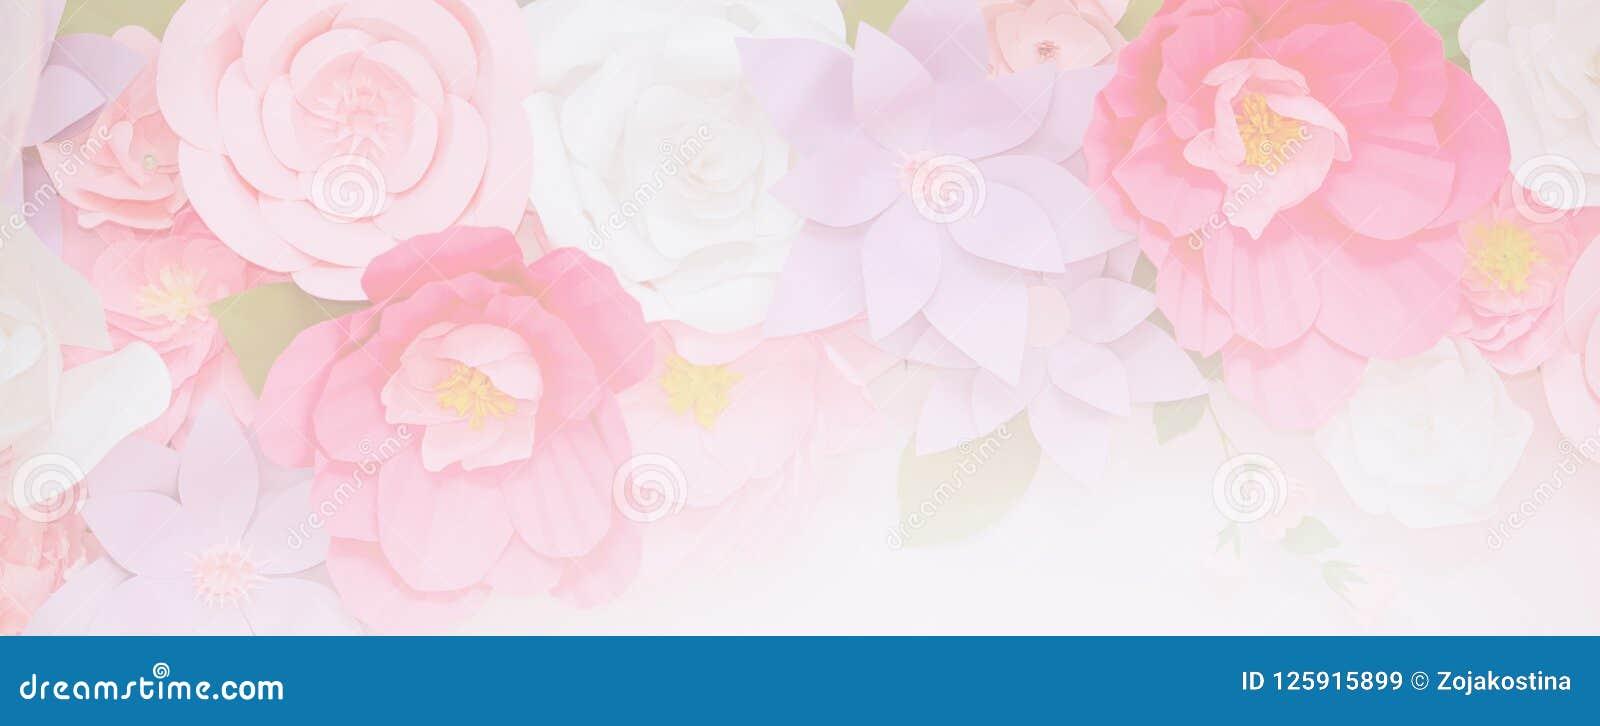 Hellrosa Blumen in der weichen Farbe